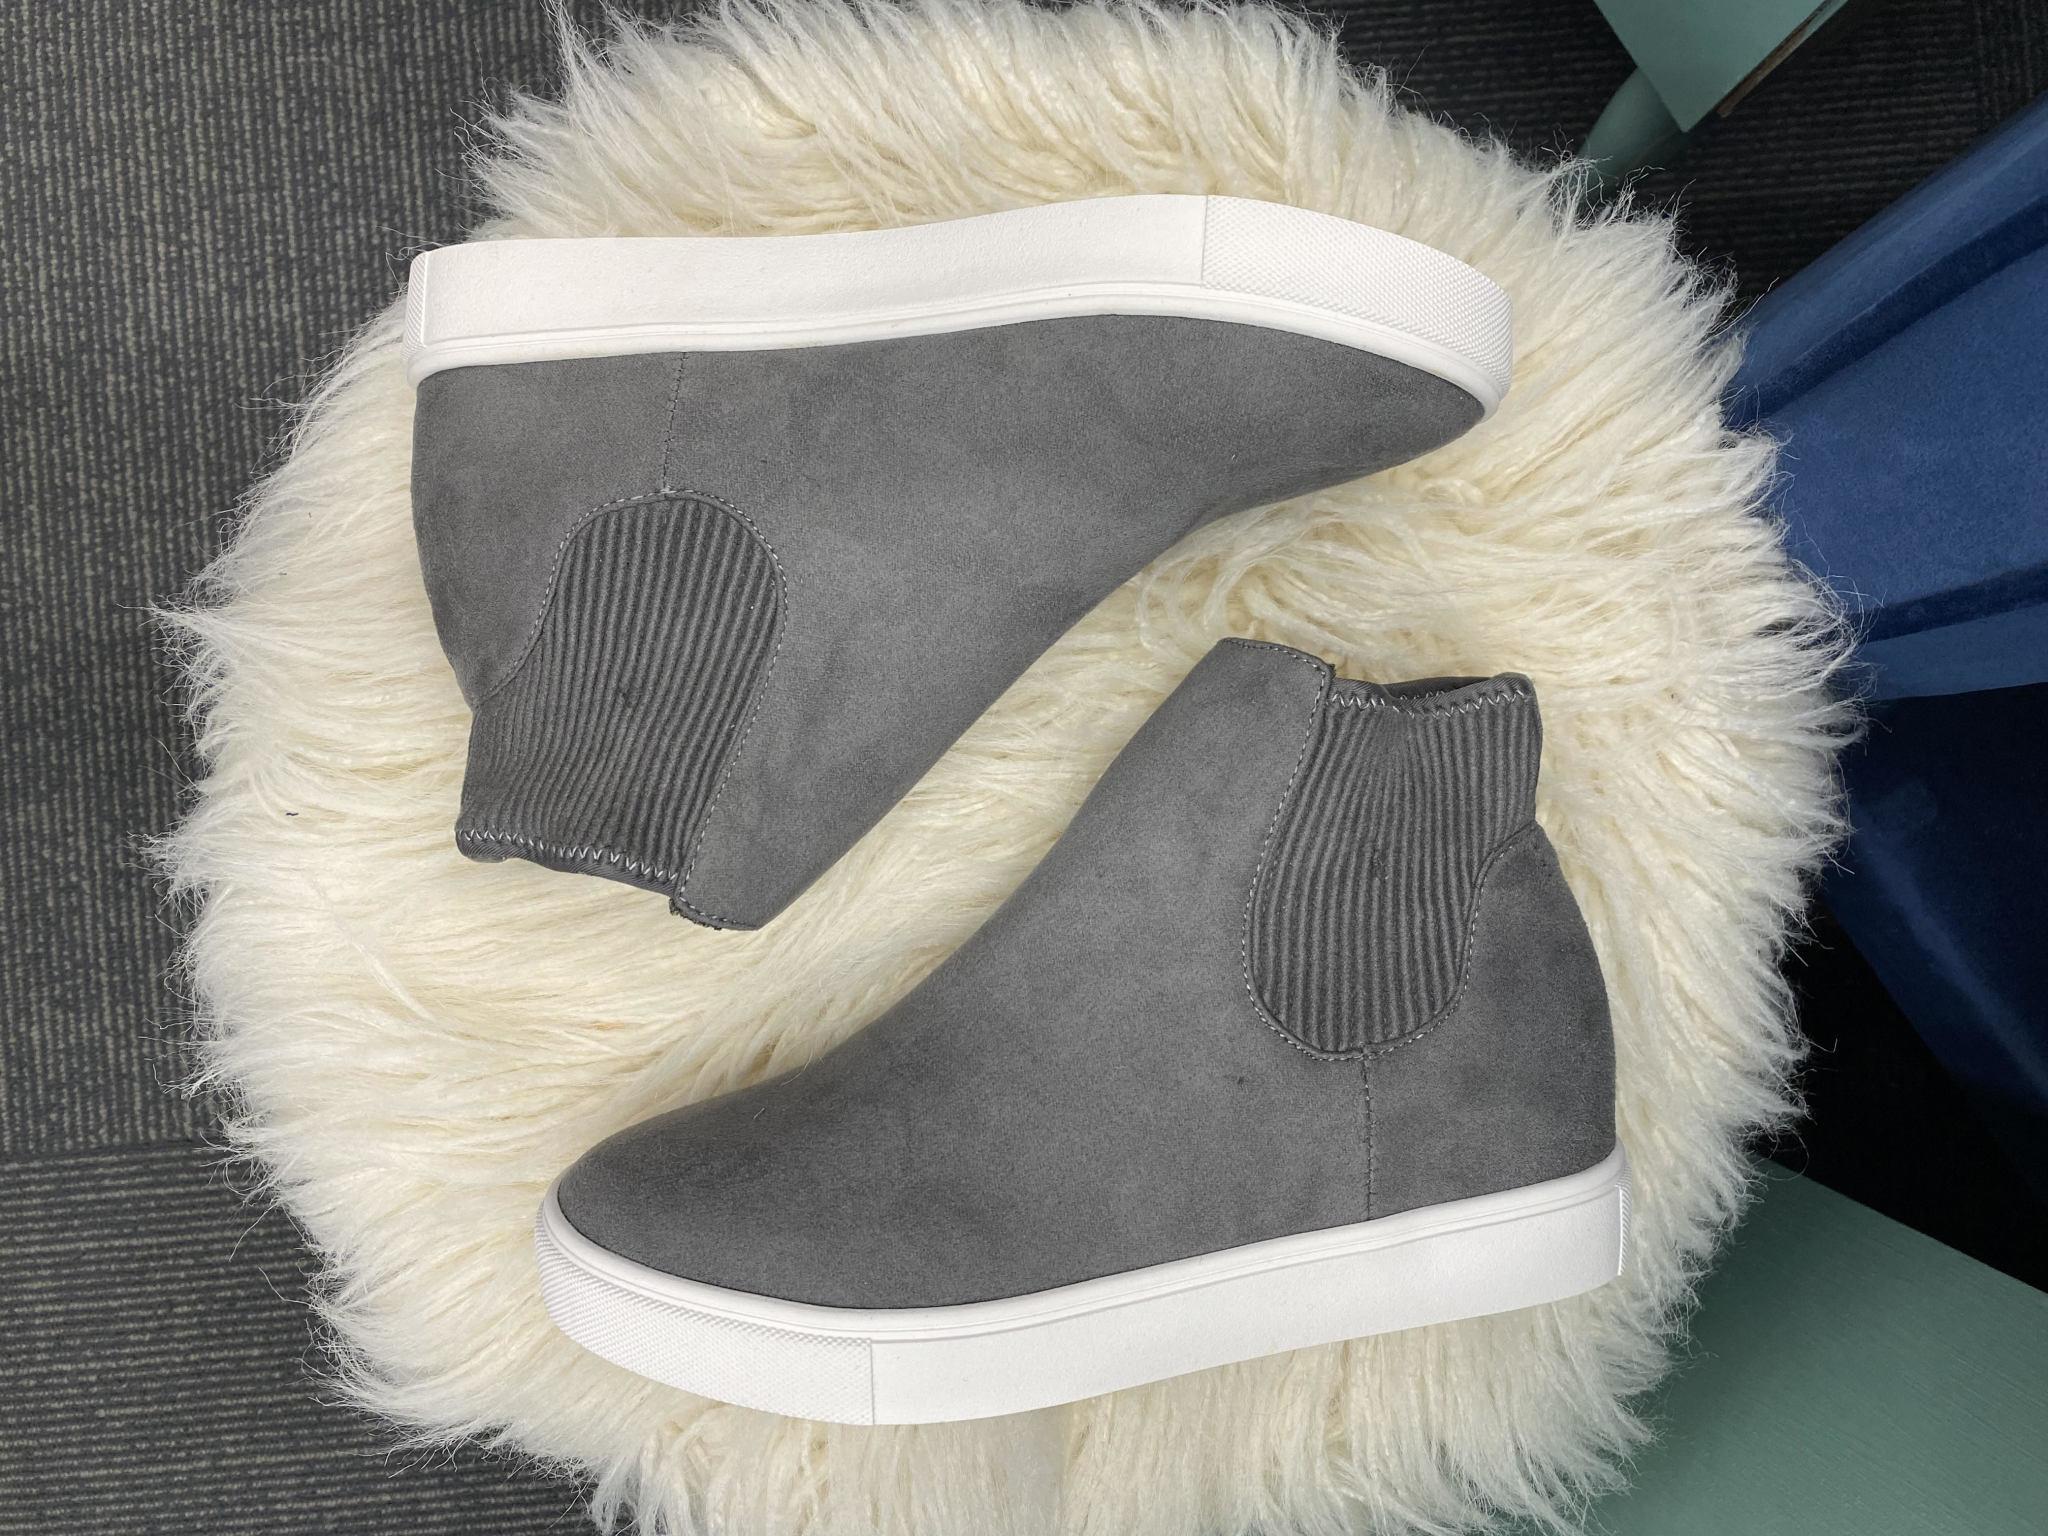 Sam Grey High Top Sneakers